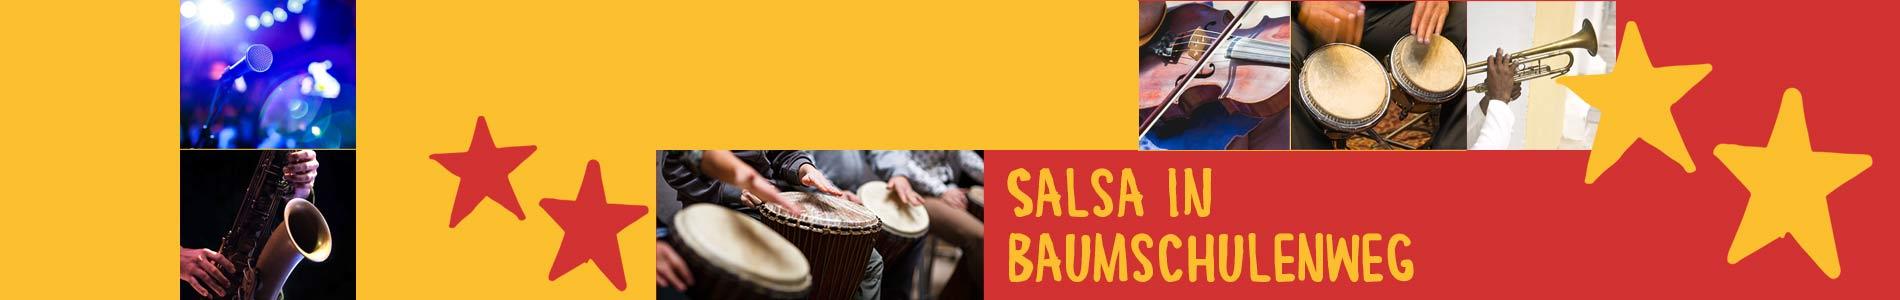 Salsa in Baumschulenweg – Salsa lernen und tanzen, Tanzkurse, Partys, Veranstaltungen